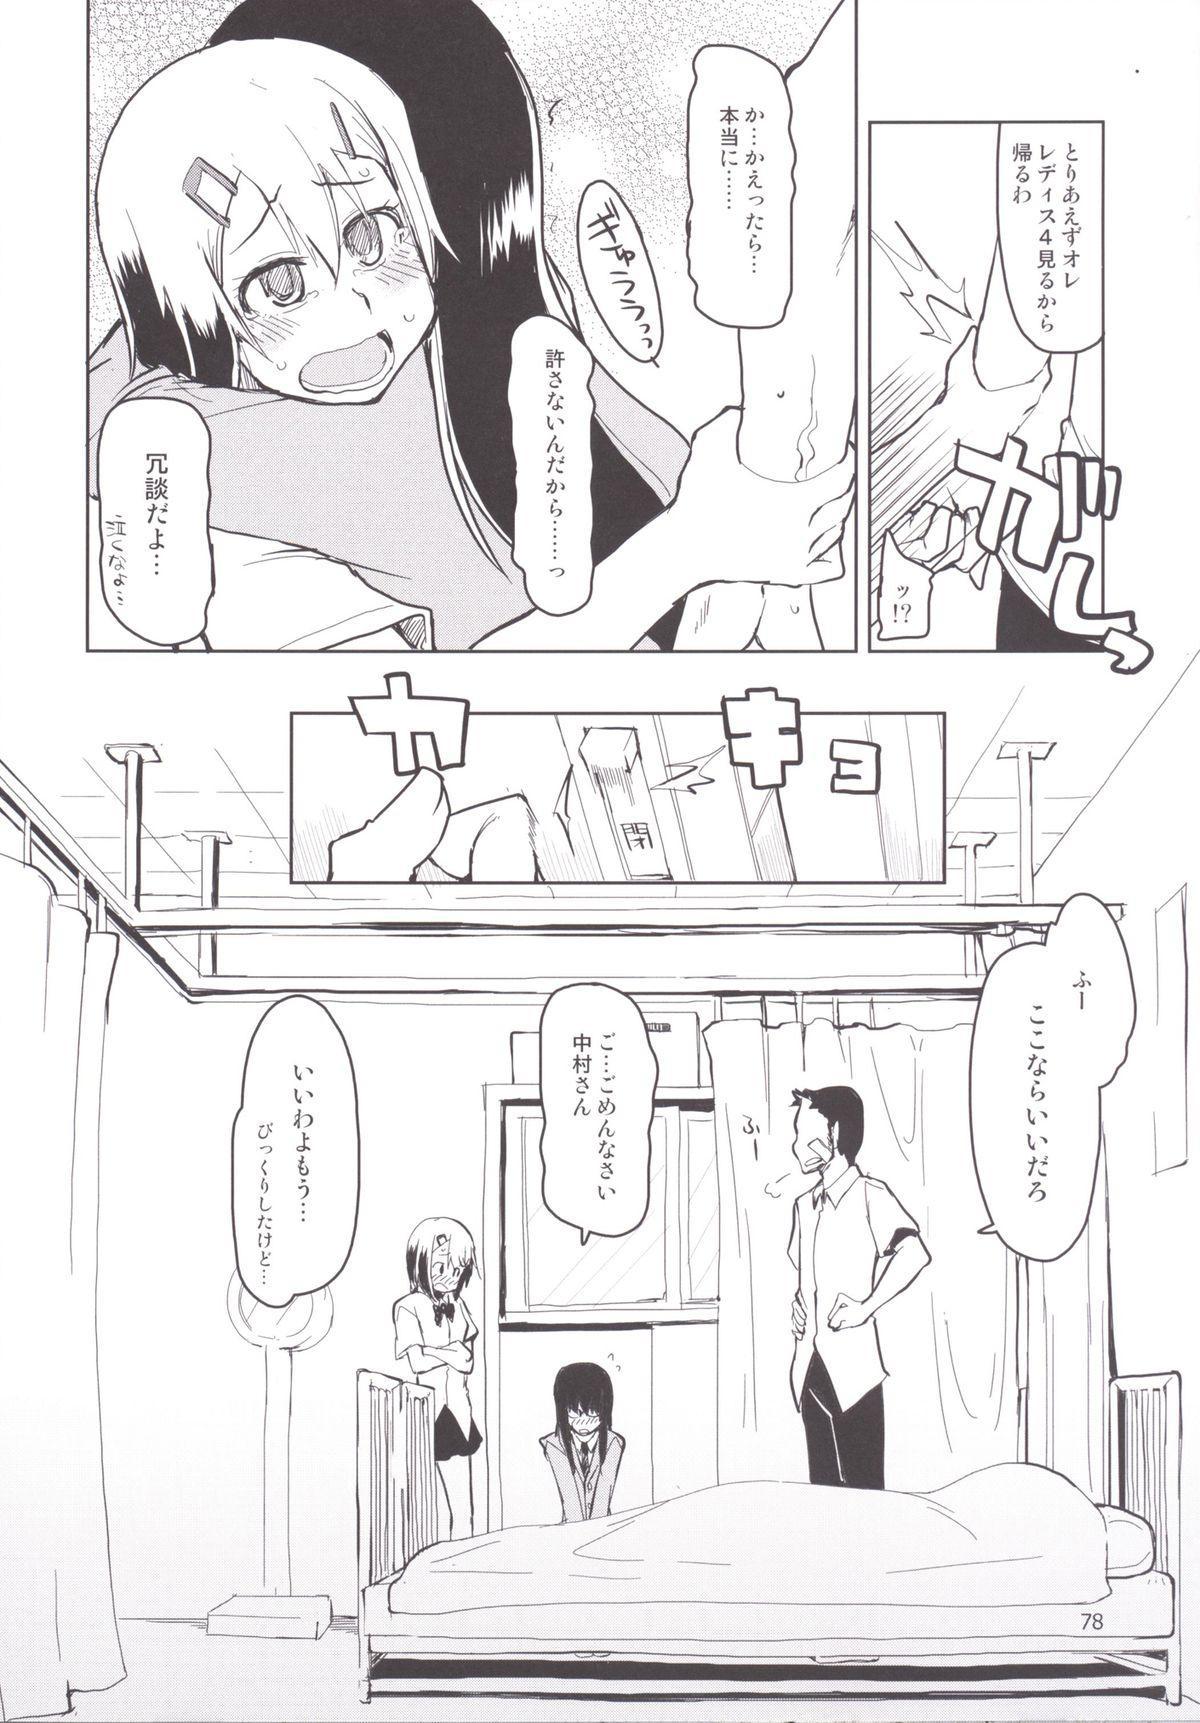 Natsuzuka-san no Himitsu. Soushuuhen Kouhen 94